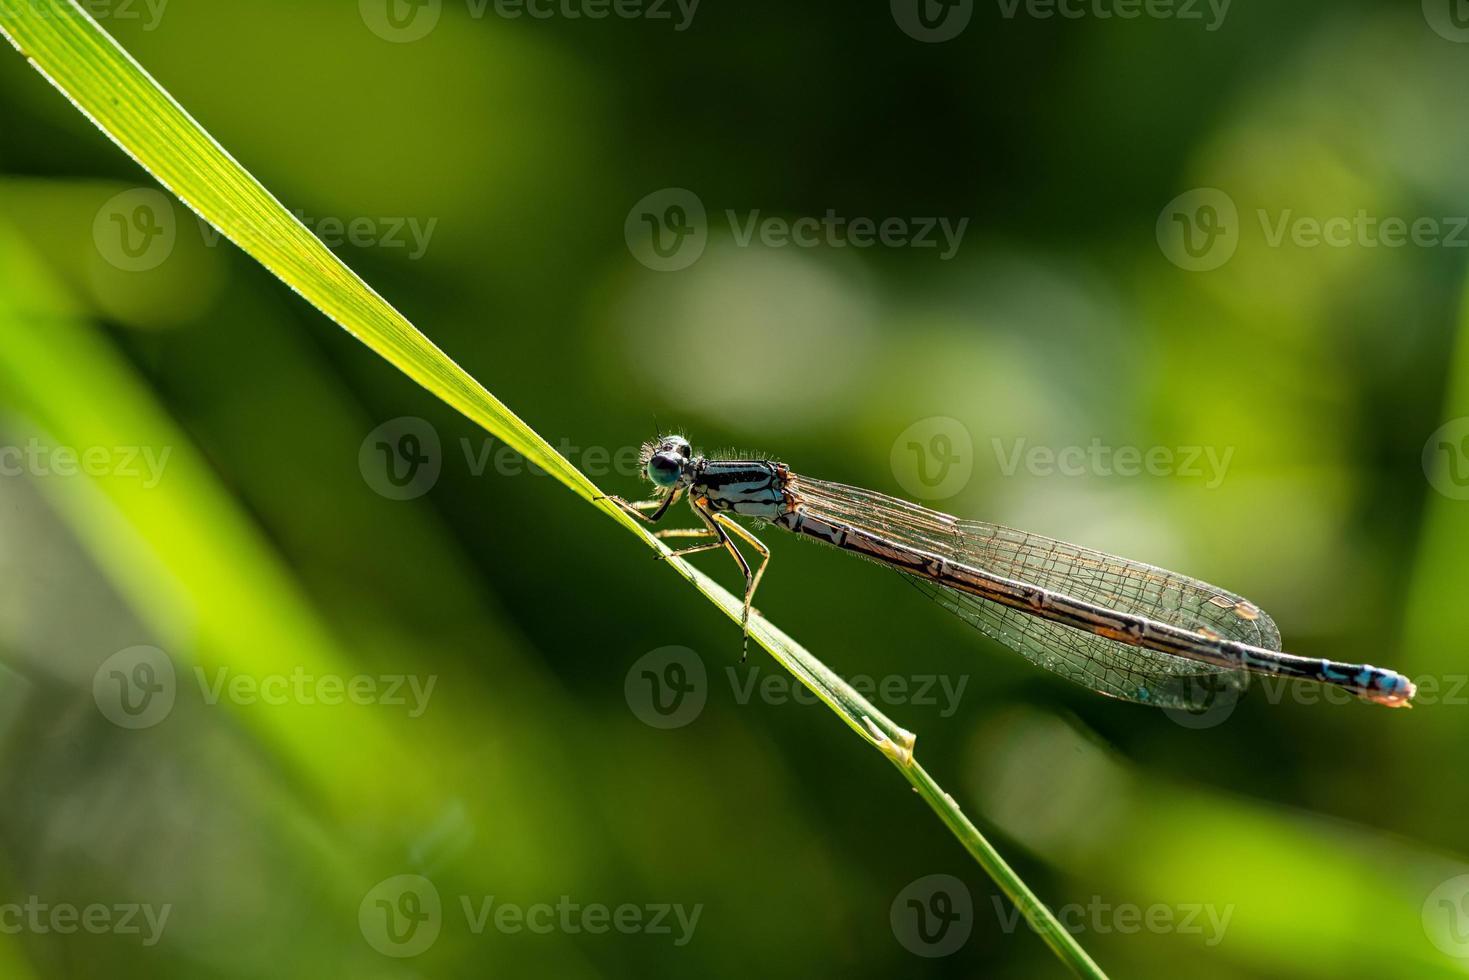 primo piano di una libellula su un filo d'erba foto